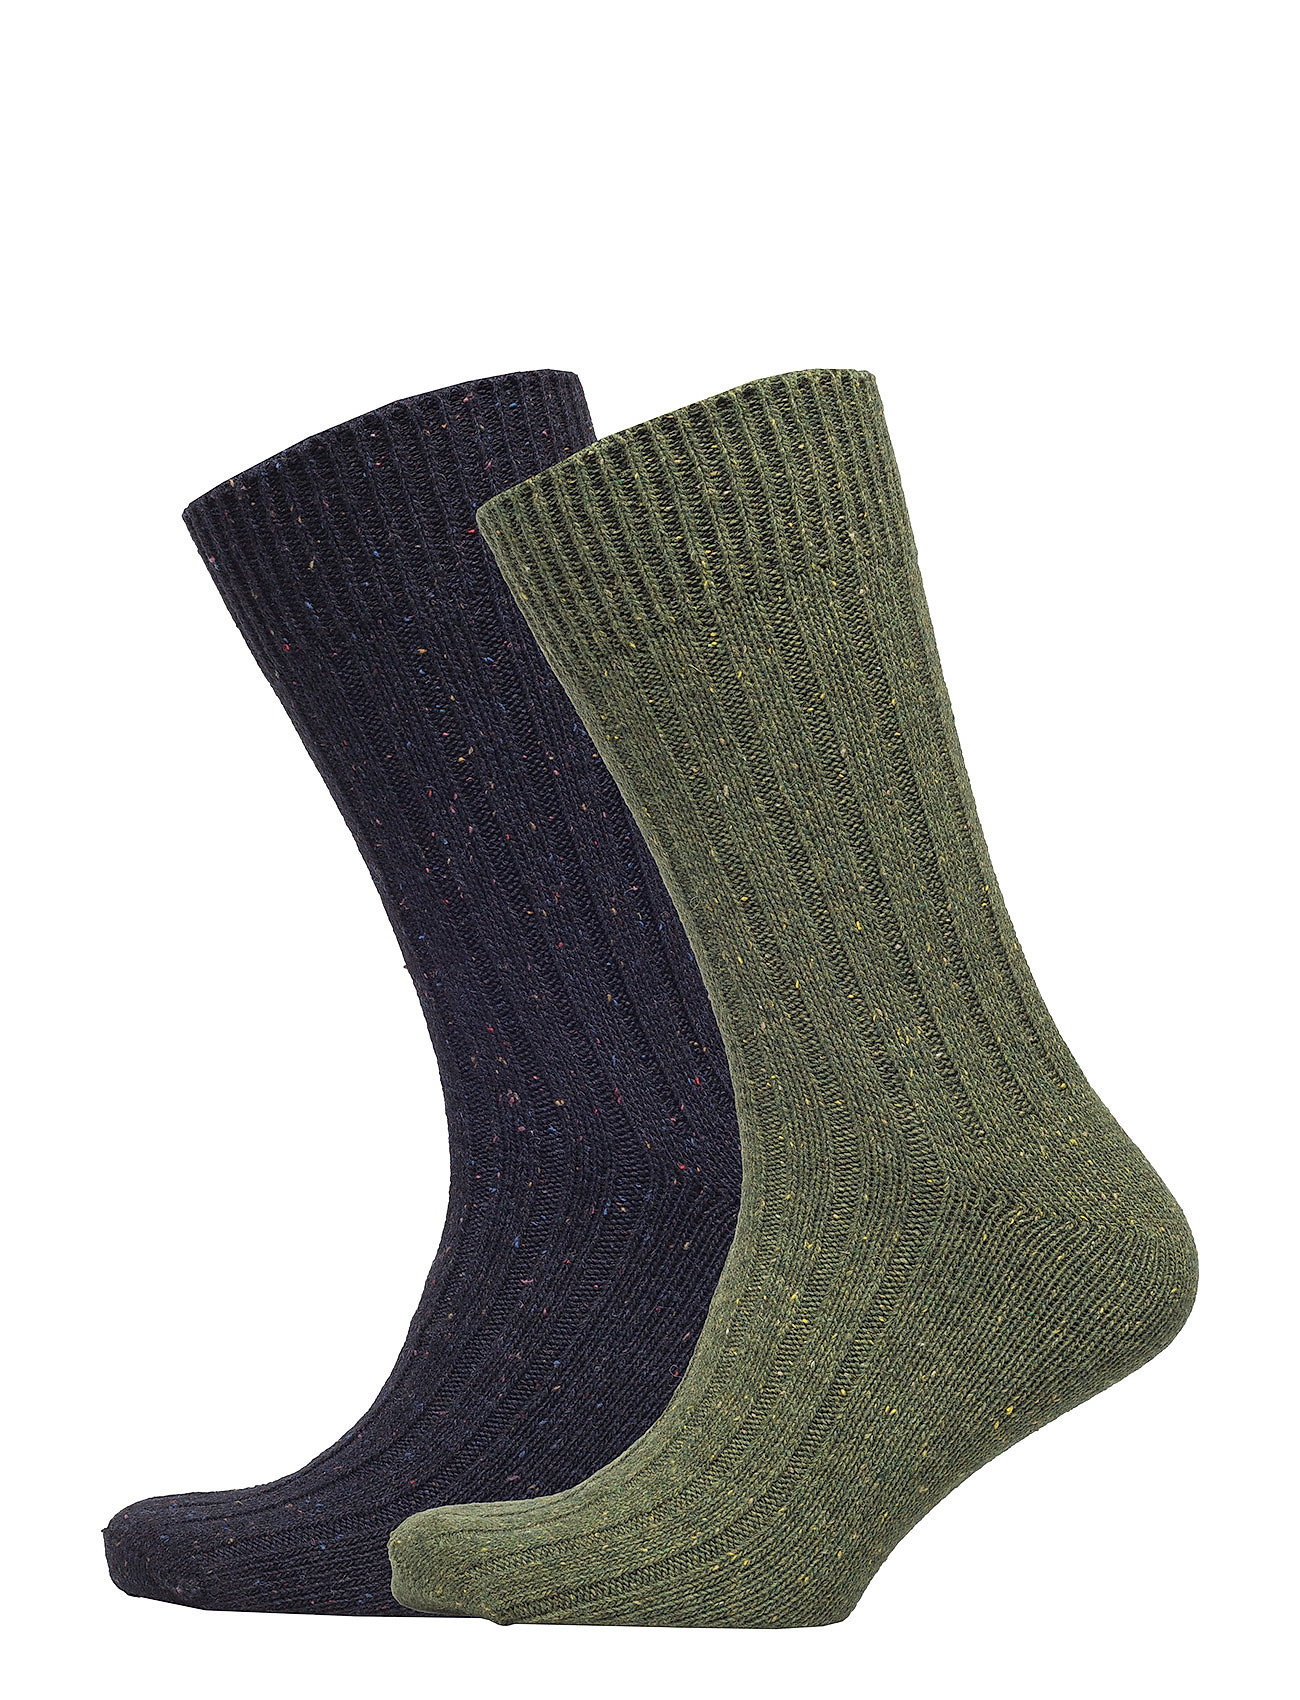 Blend Socks - MIX COLORS